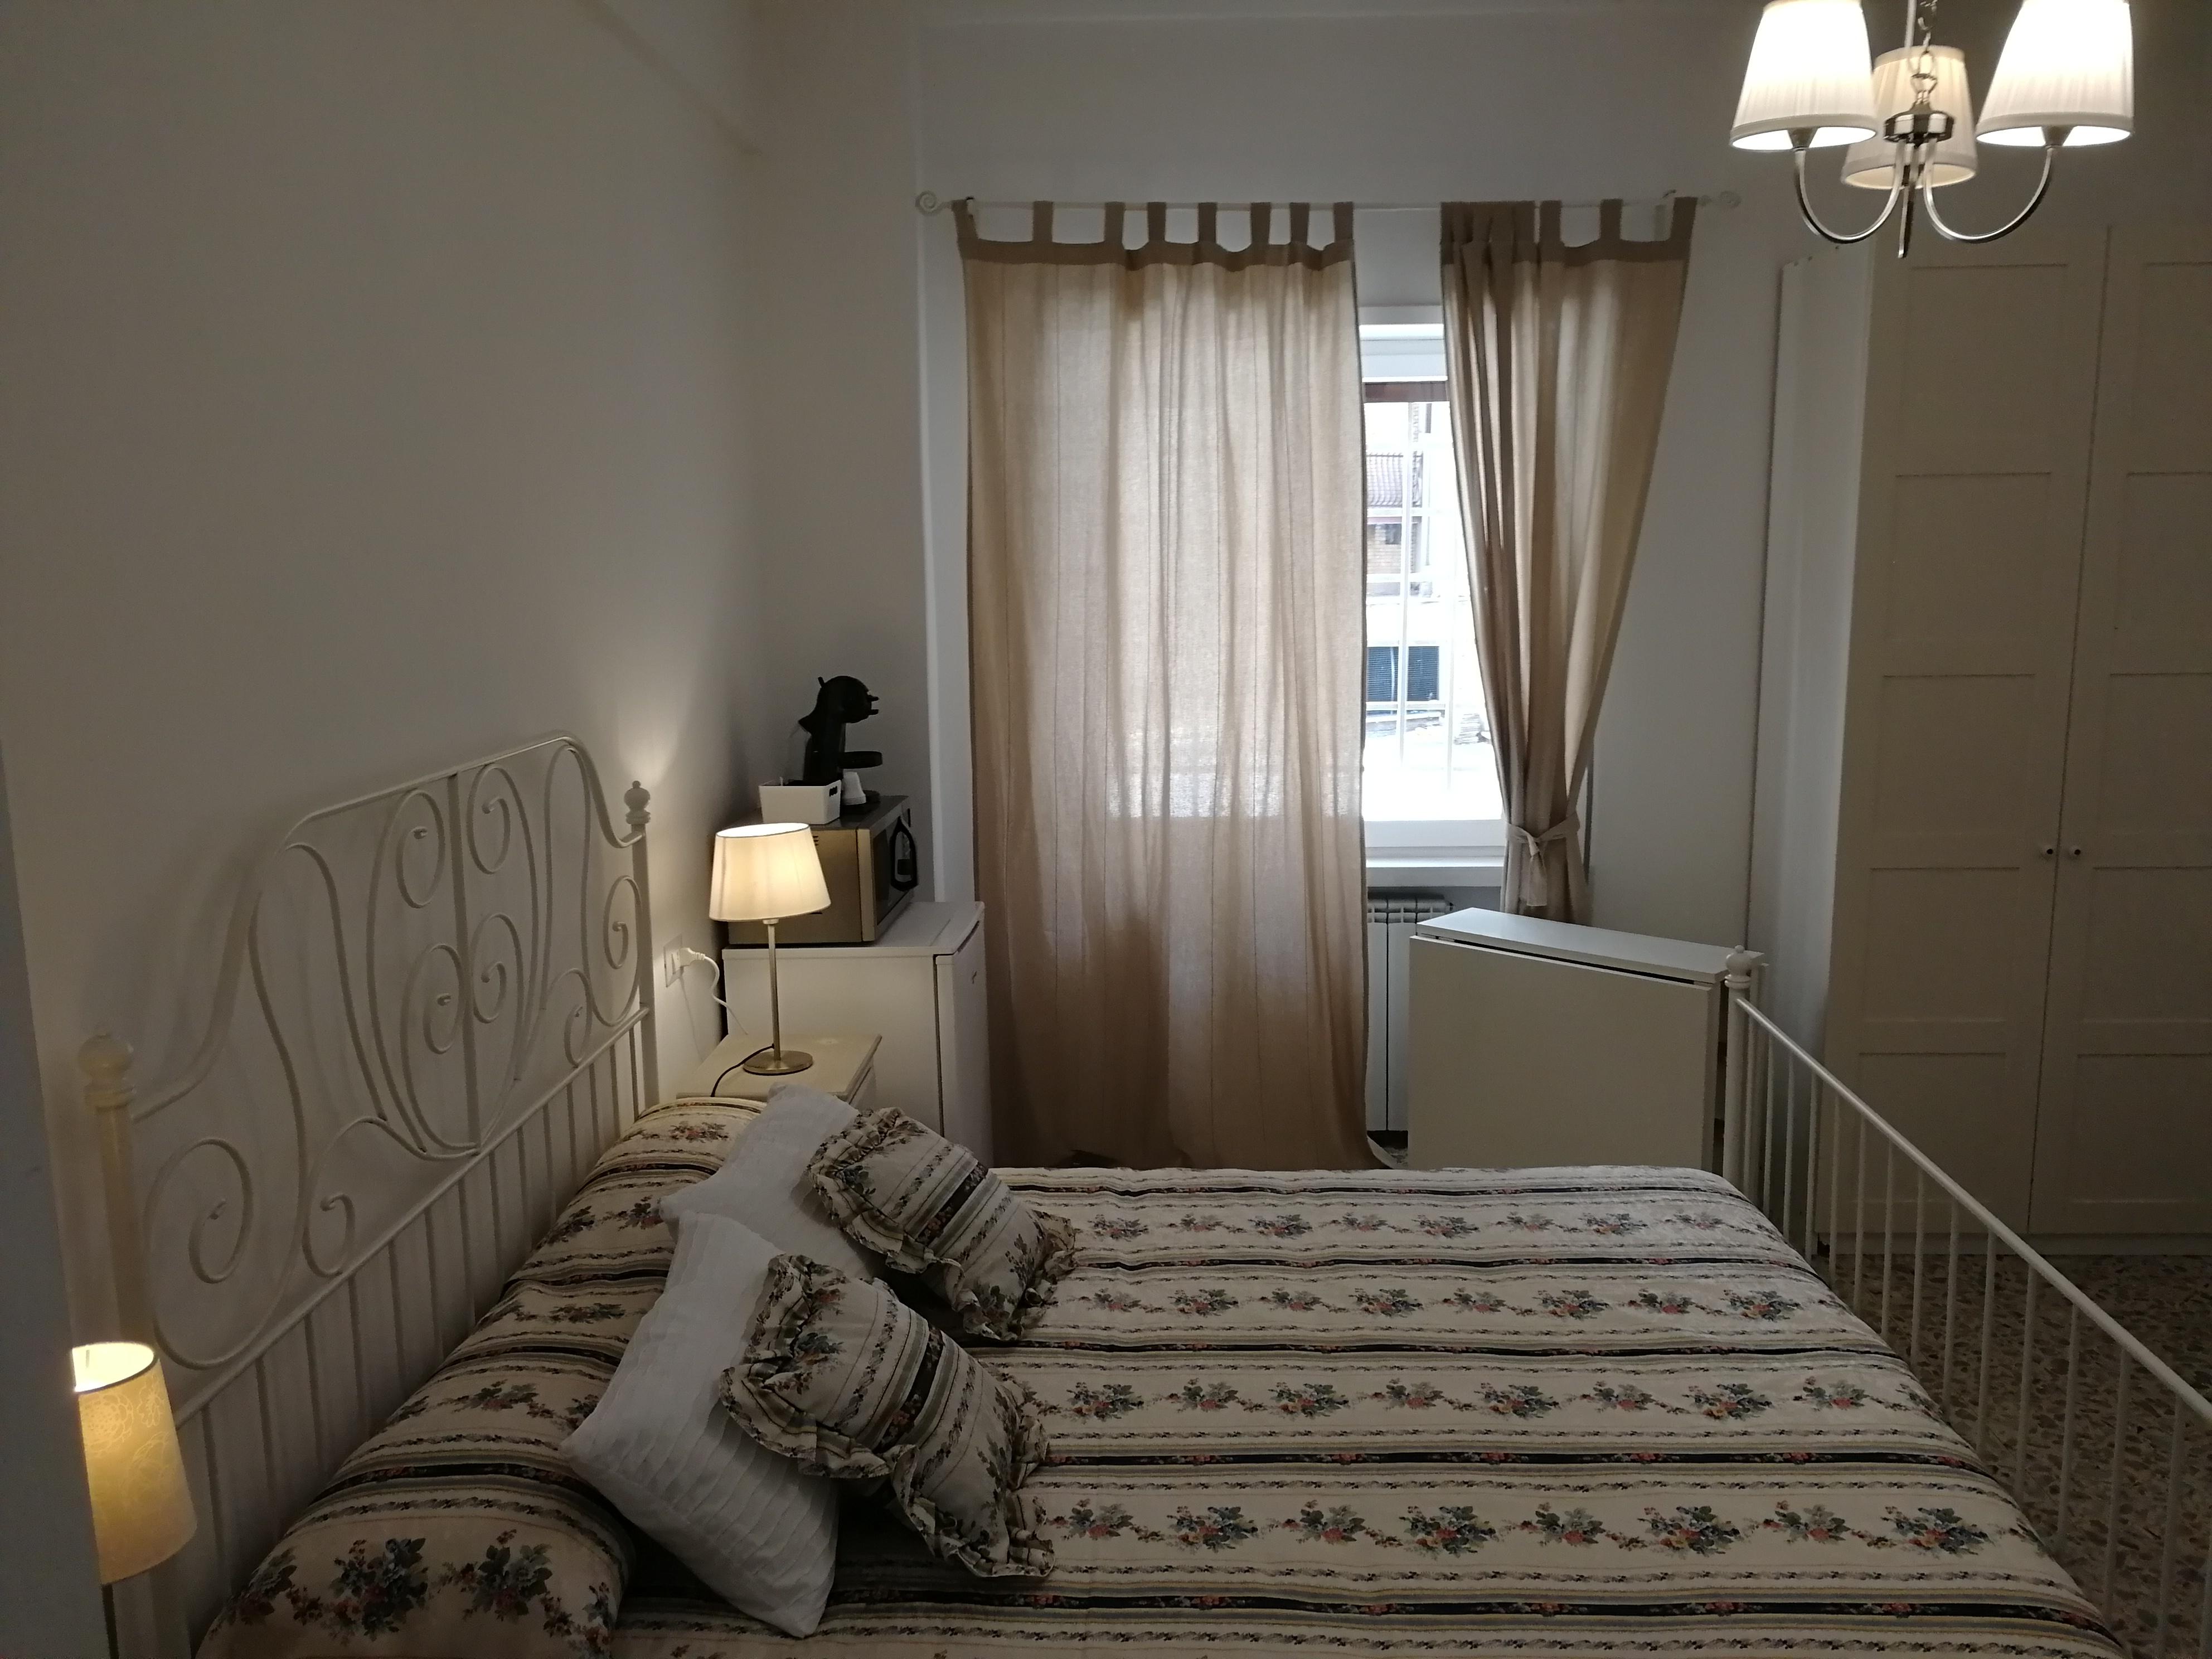 Dreibettzimmer mit eigenem Bad 10 Minuten vom Bahnhof Tiburtina entfernt